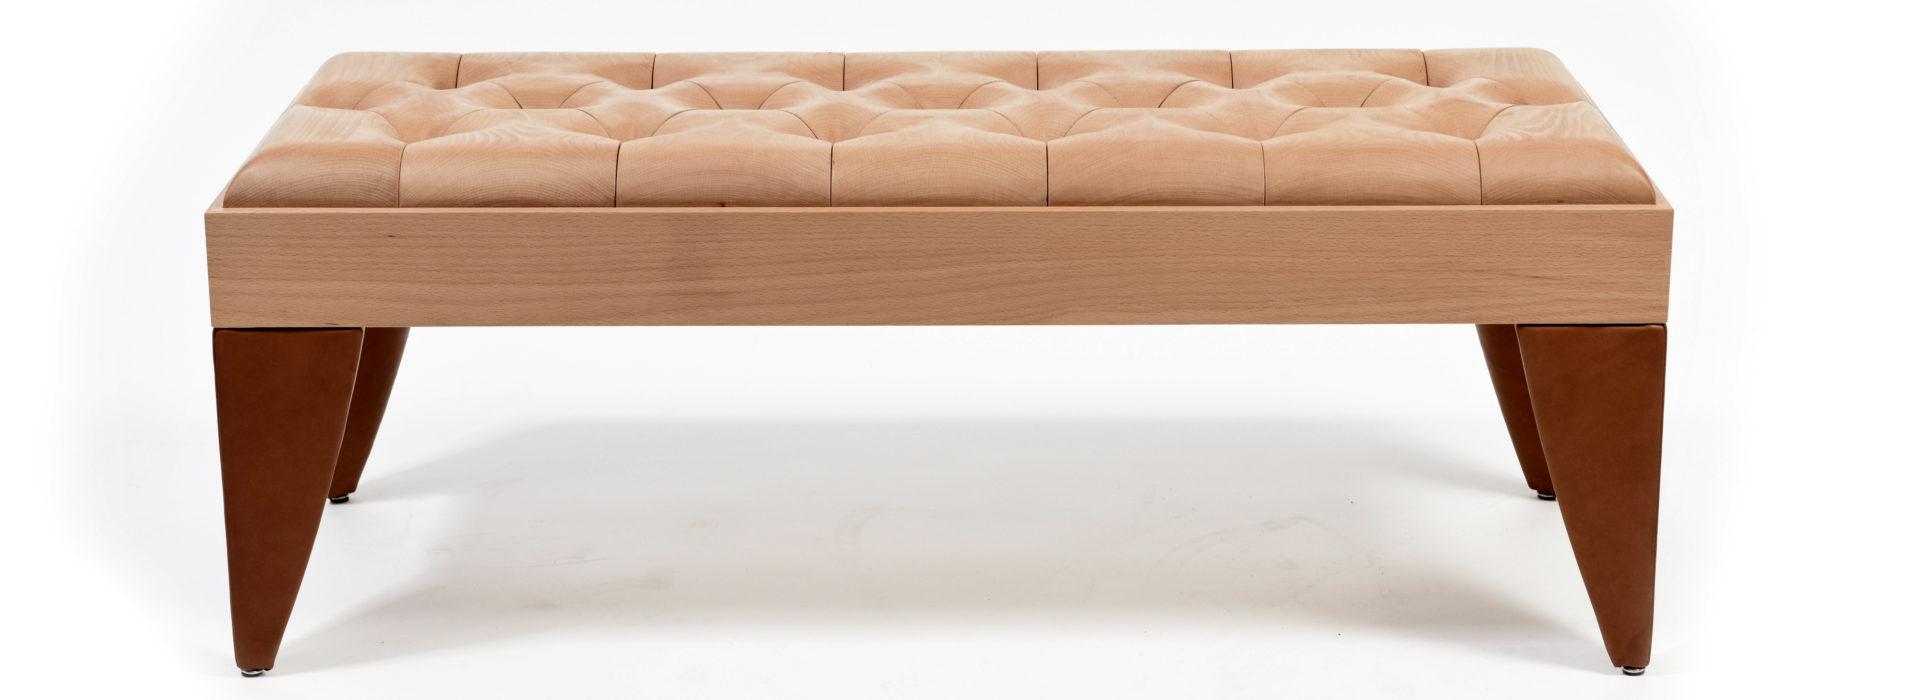 Sofa Hocker Top Struktur With Sofa Hocker Good Die Besten Er Sofa Ideen Auf Pinterest Er Couch